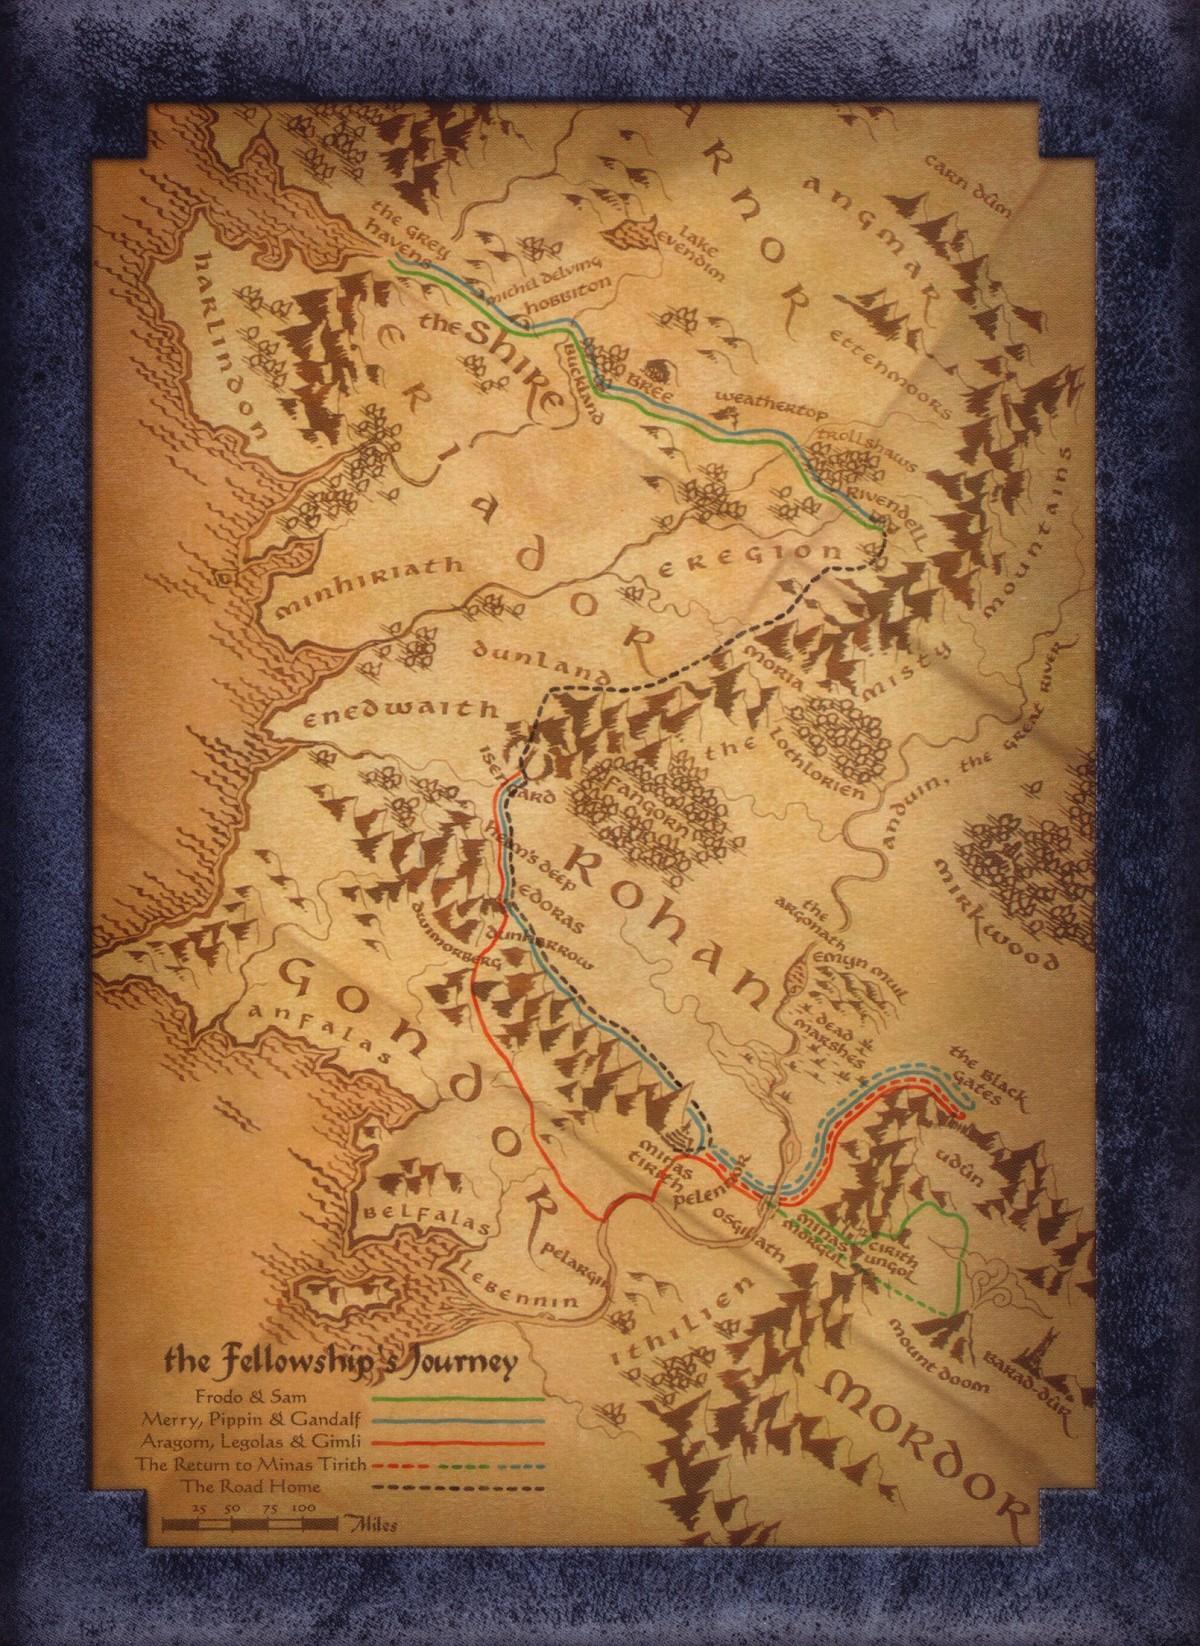 Le Seigneur Des Anneaux Carte : seigneur, anneaux, carte, Seigneur, Anneaux, Version, Longue, Cartes